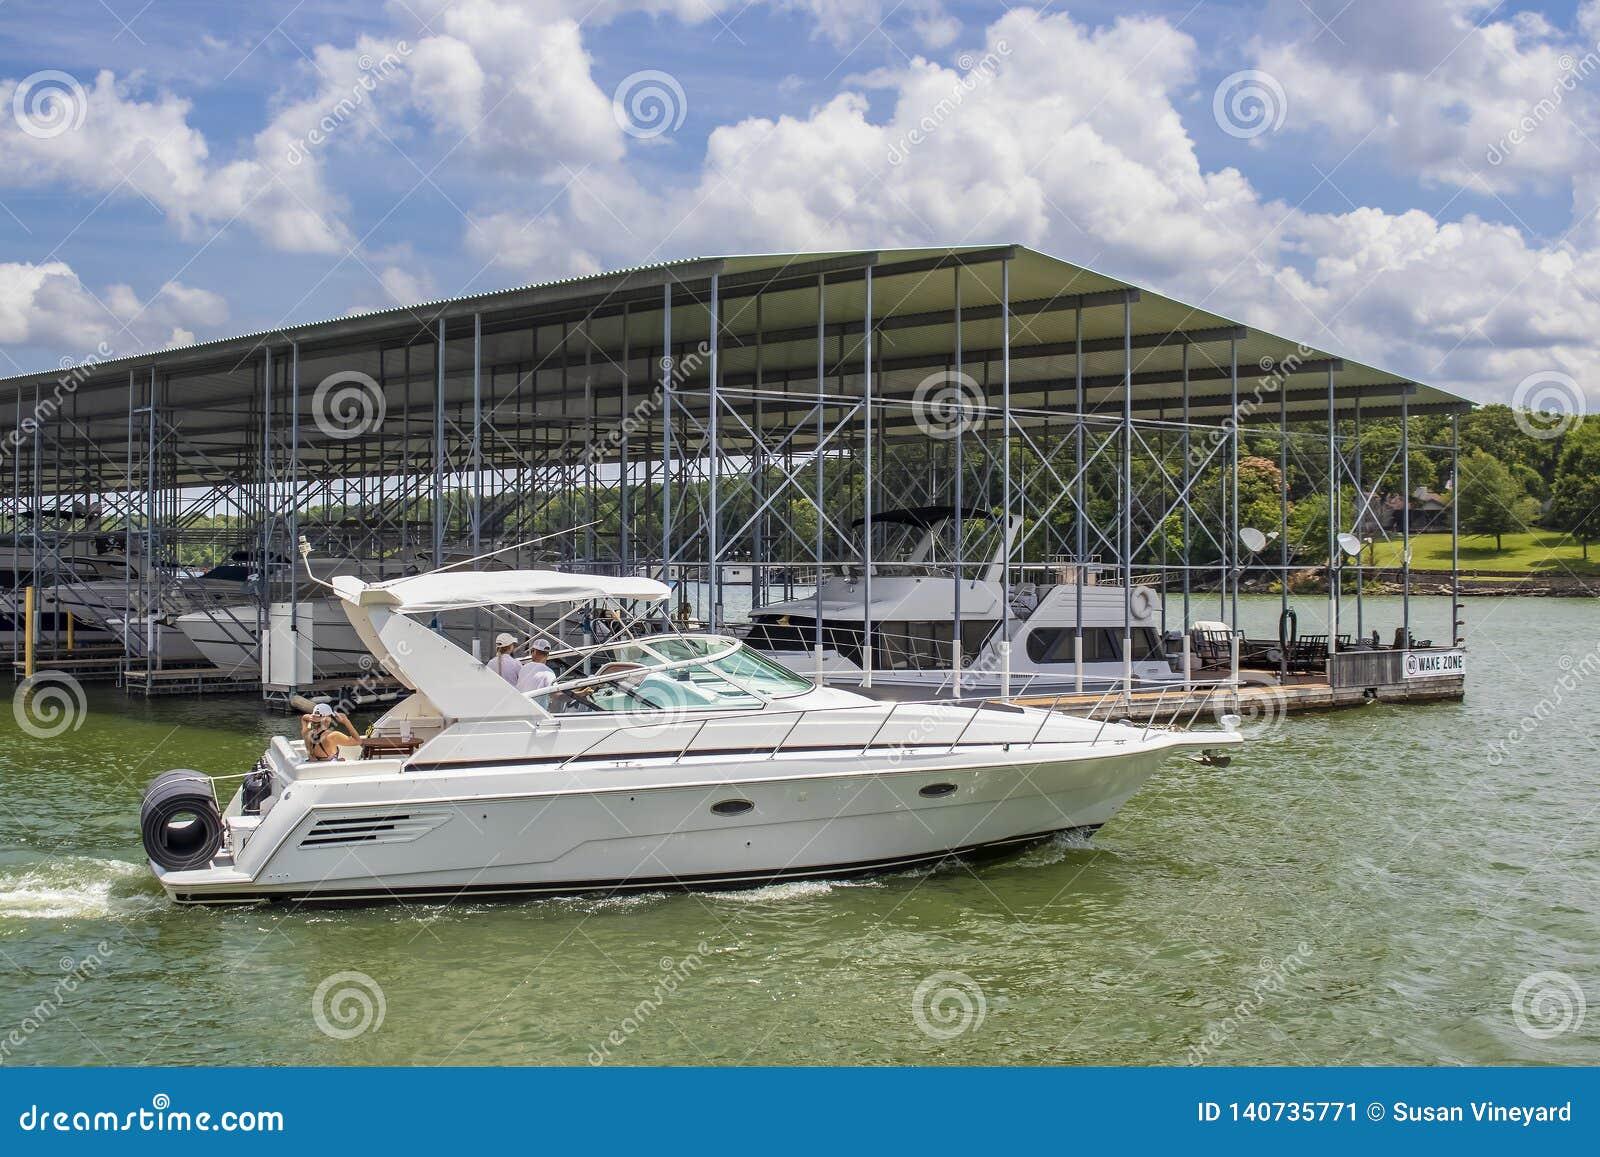 Hors-bord de luxe avec le floatie roulé sur le dos sur le lac en été passant par le dock couvert de bateau avec des bateaux plus